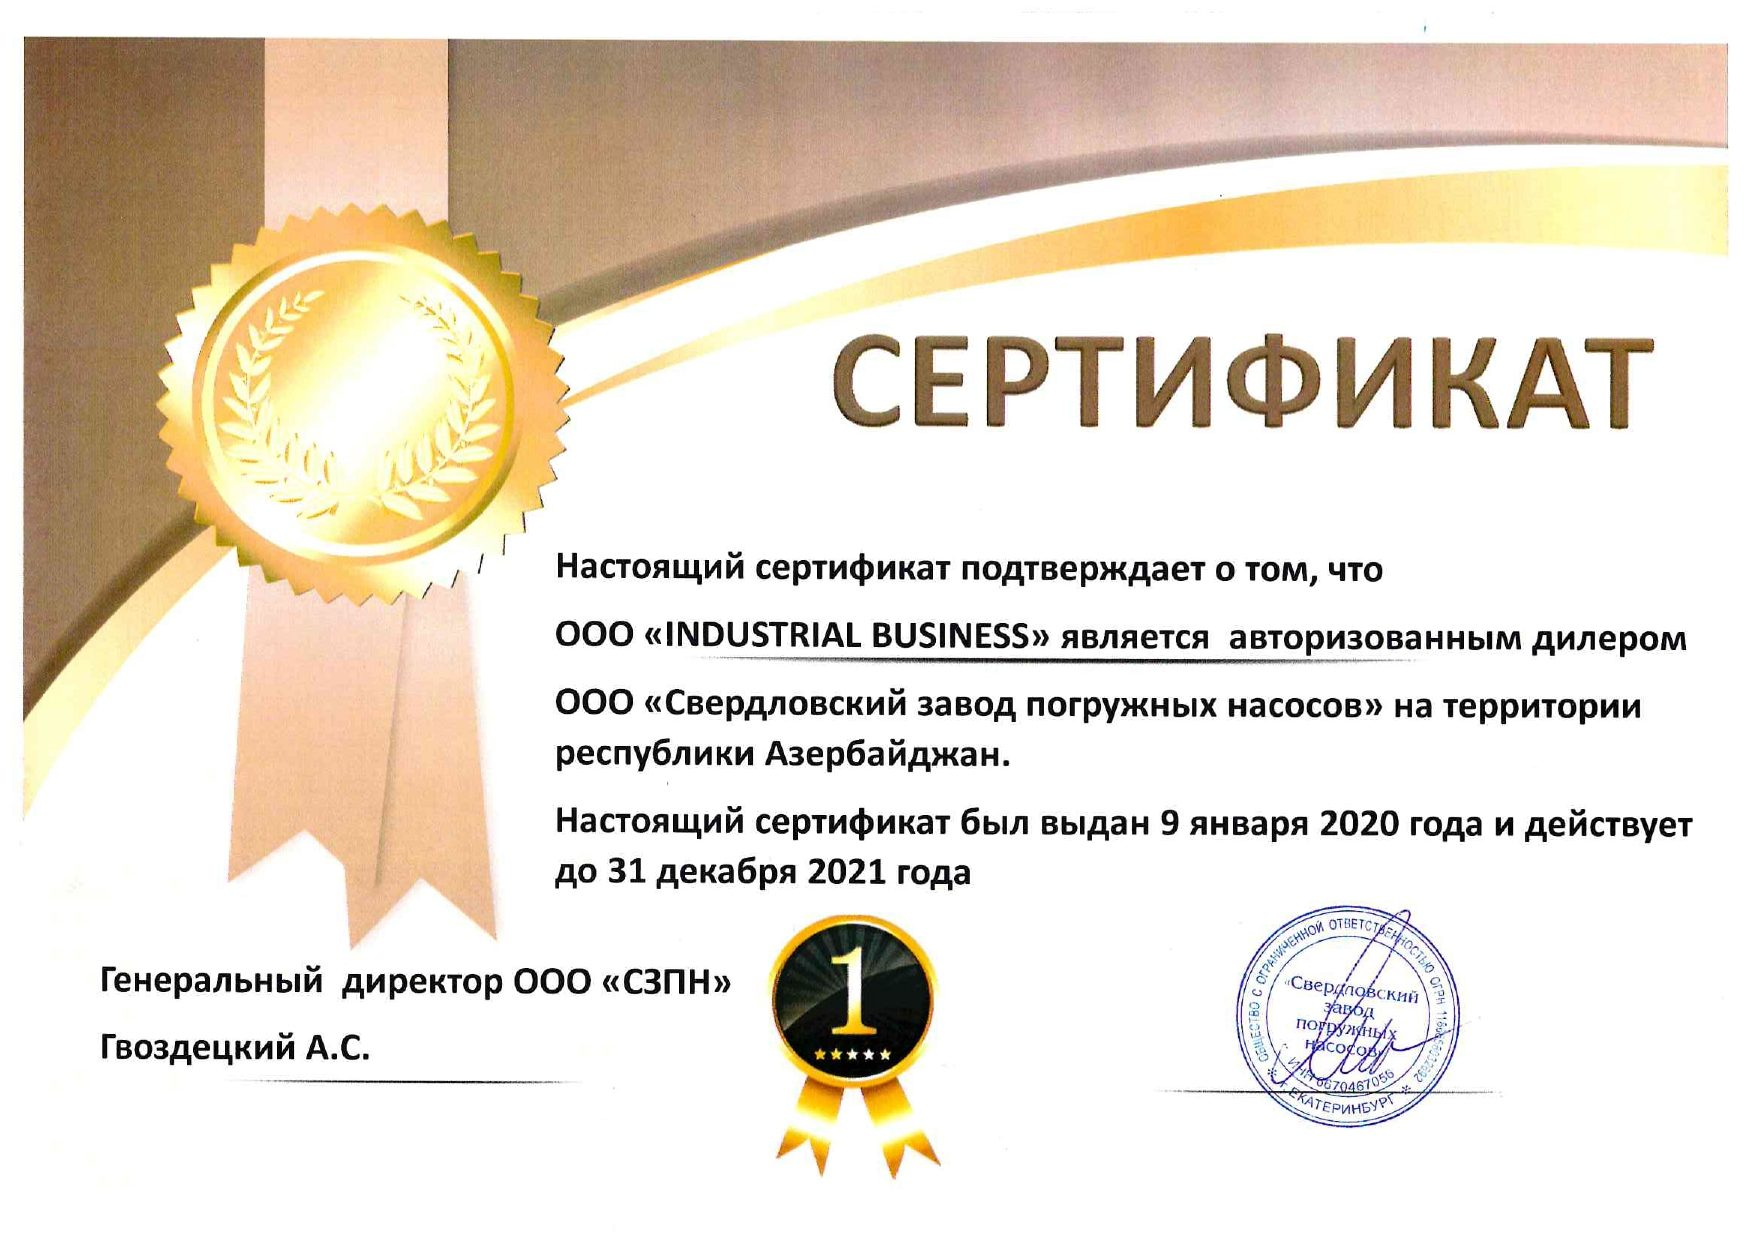 Sverdlovskiy zavod poqrujnix nasosov MMC